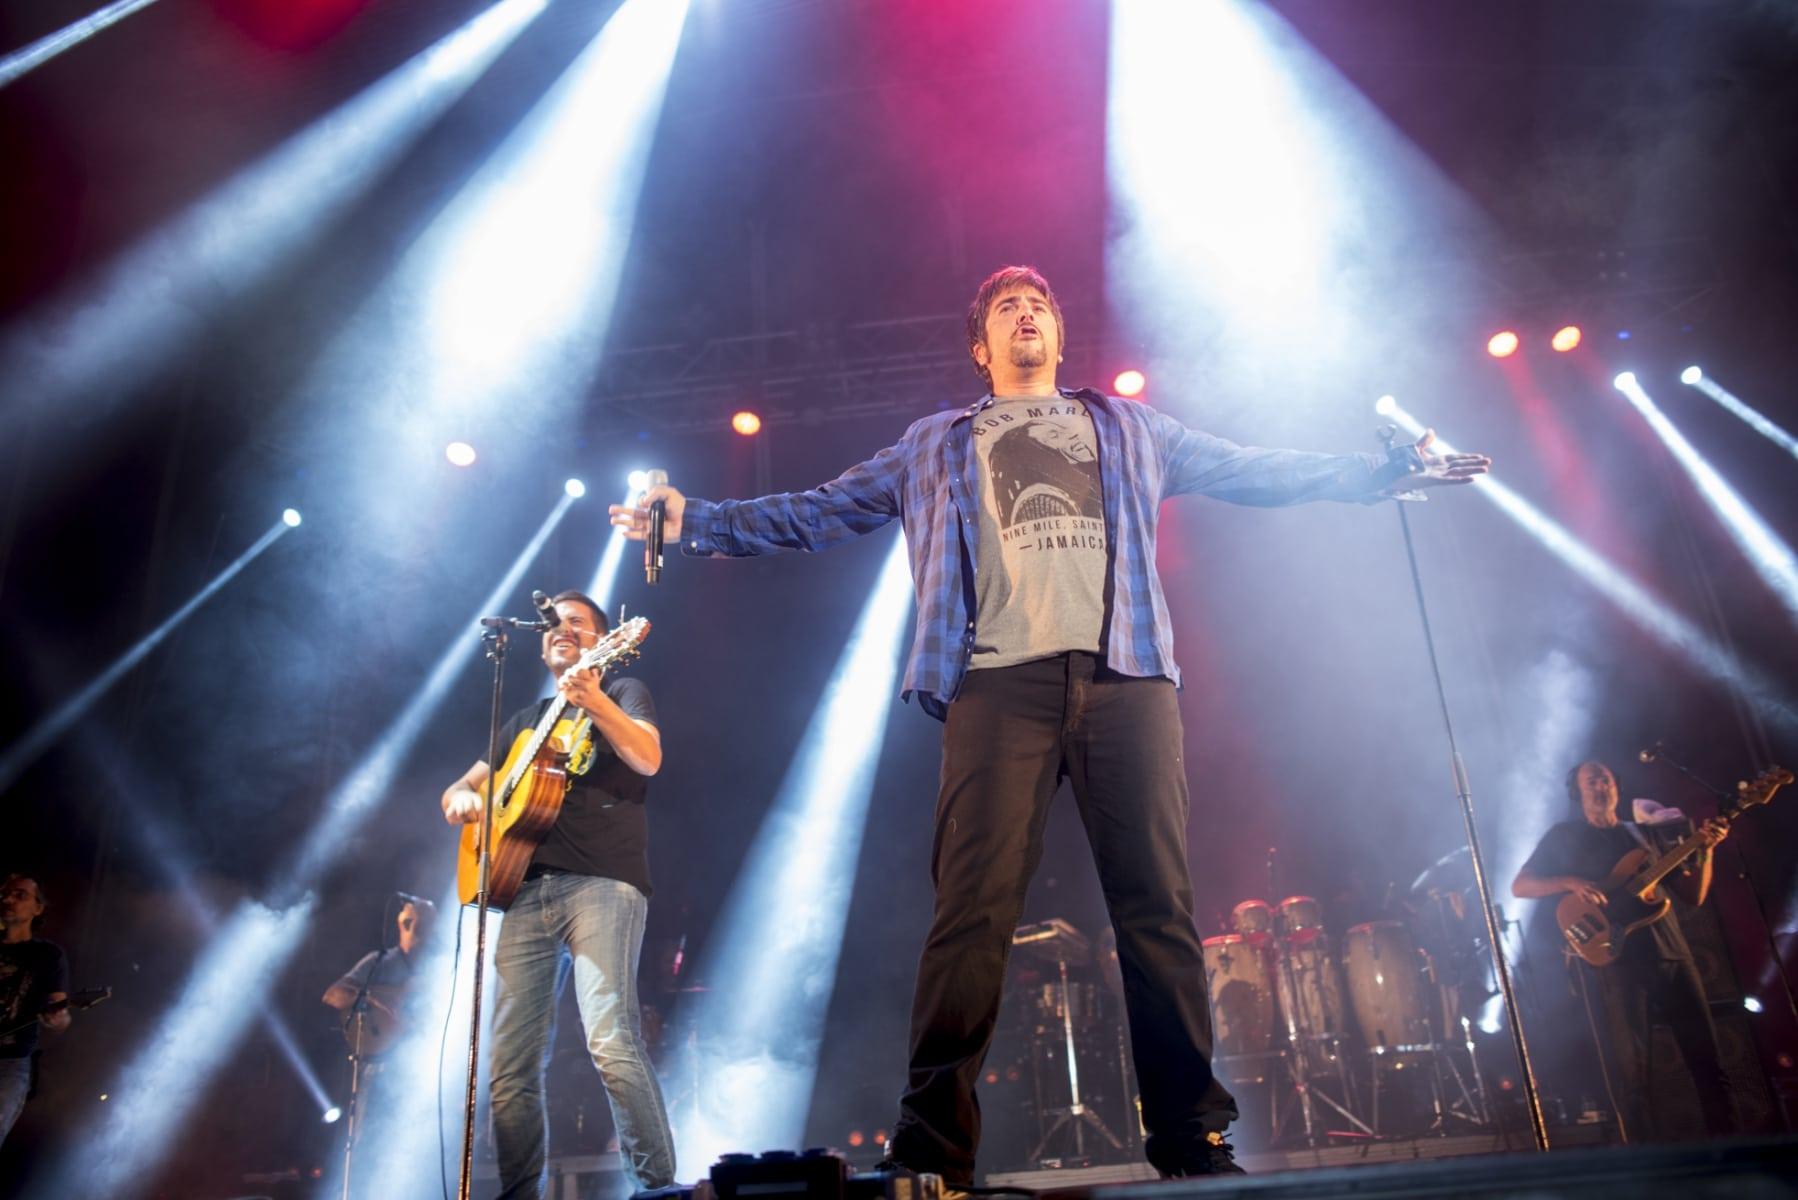 5-septiembre-2015-gibraltar-music-festival-2015-44_20999252890_o